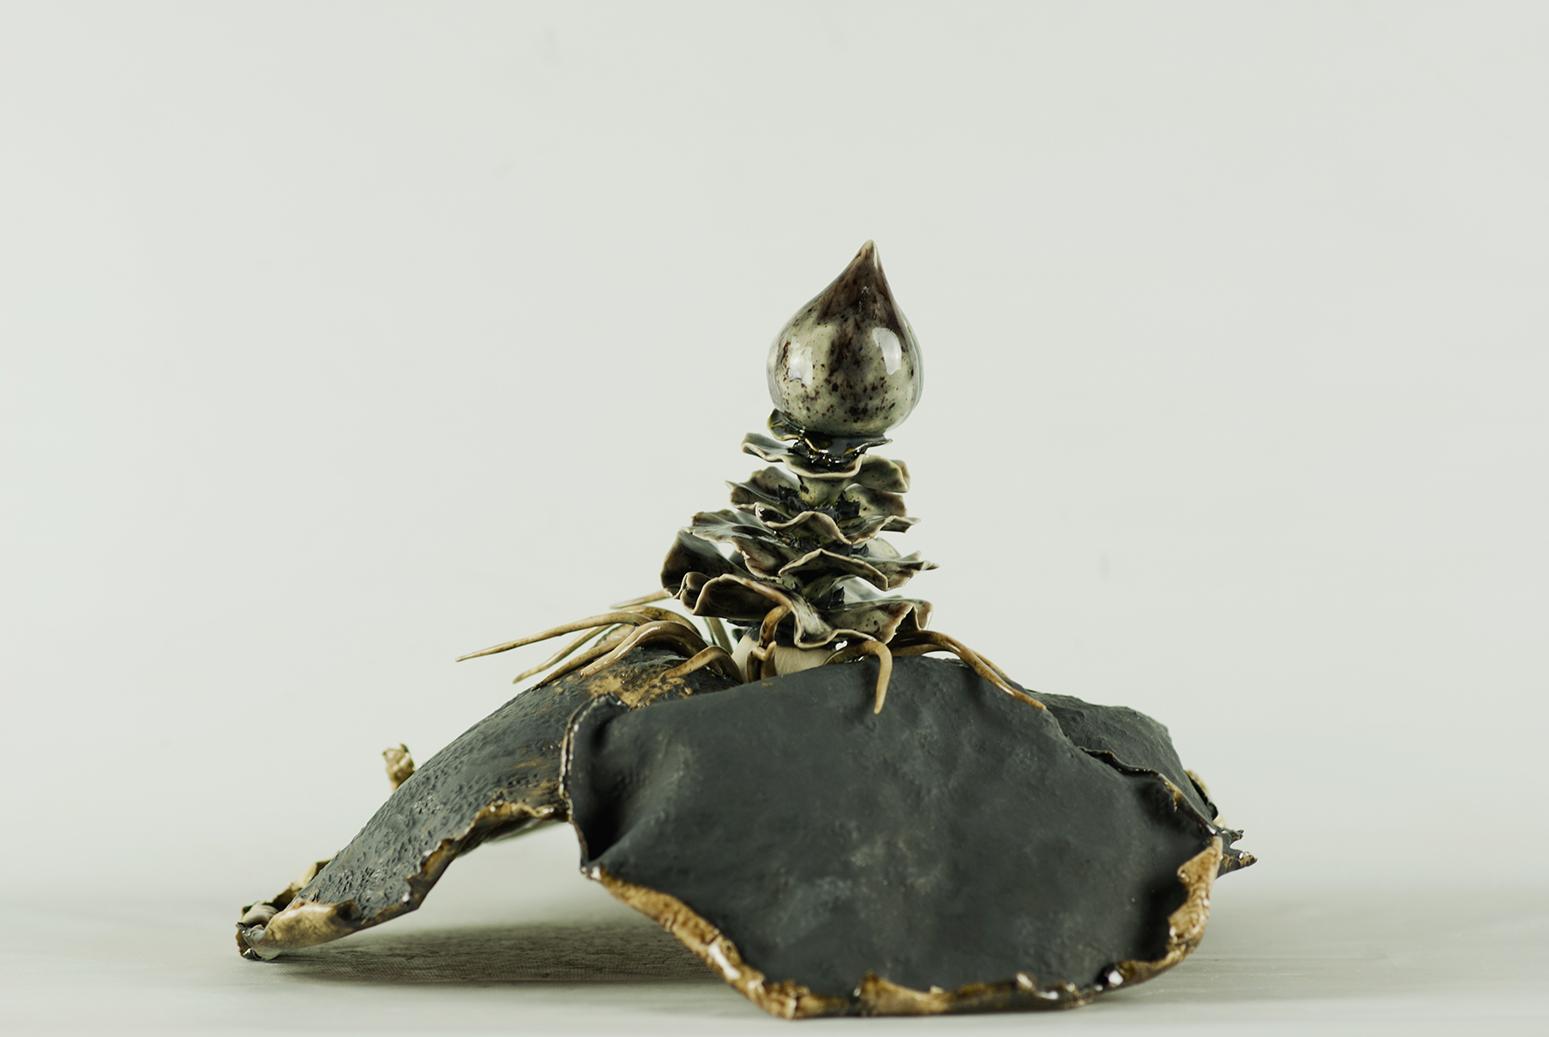 Viola, 2014, Glazed stoneware ceramic, polyester resin, nylon flocking